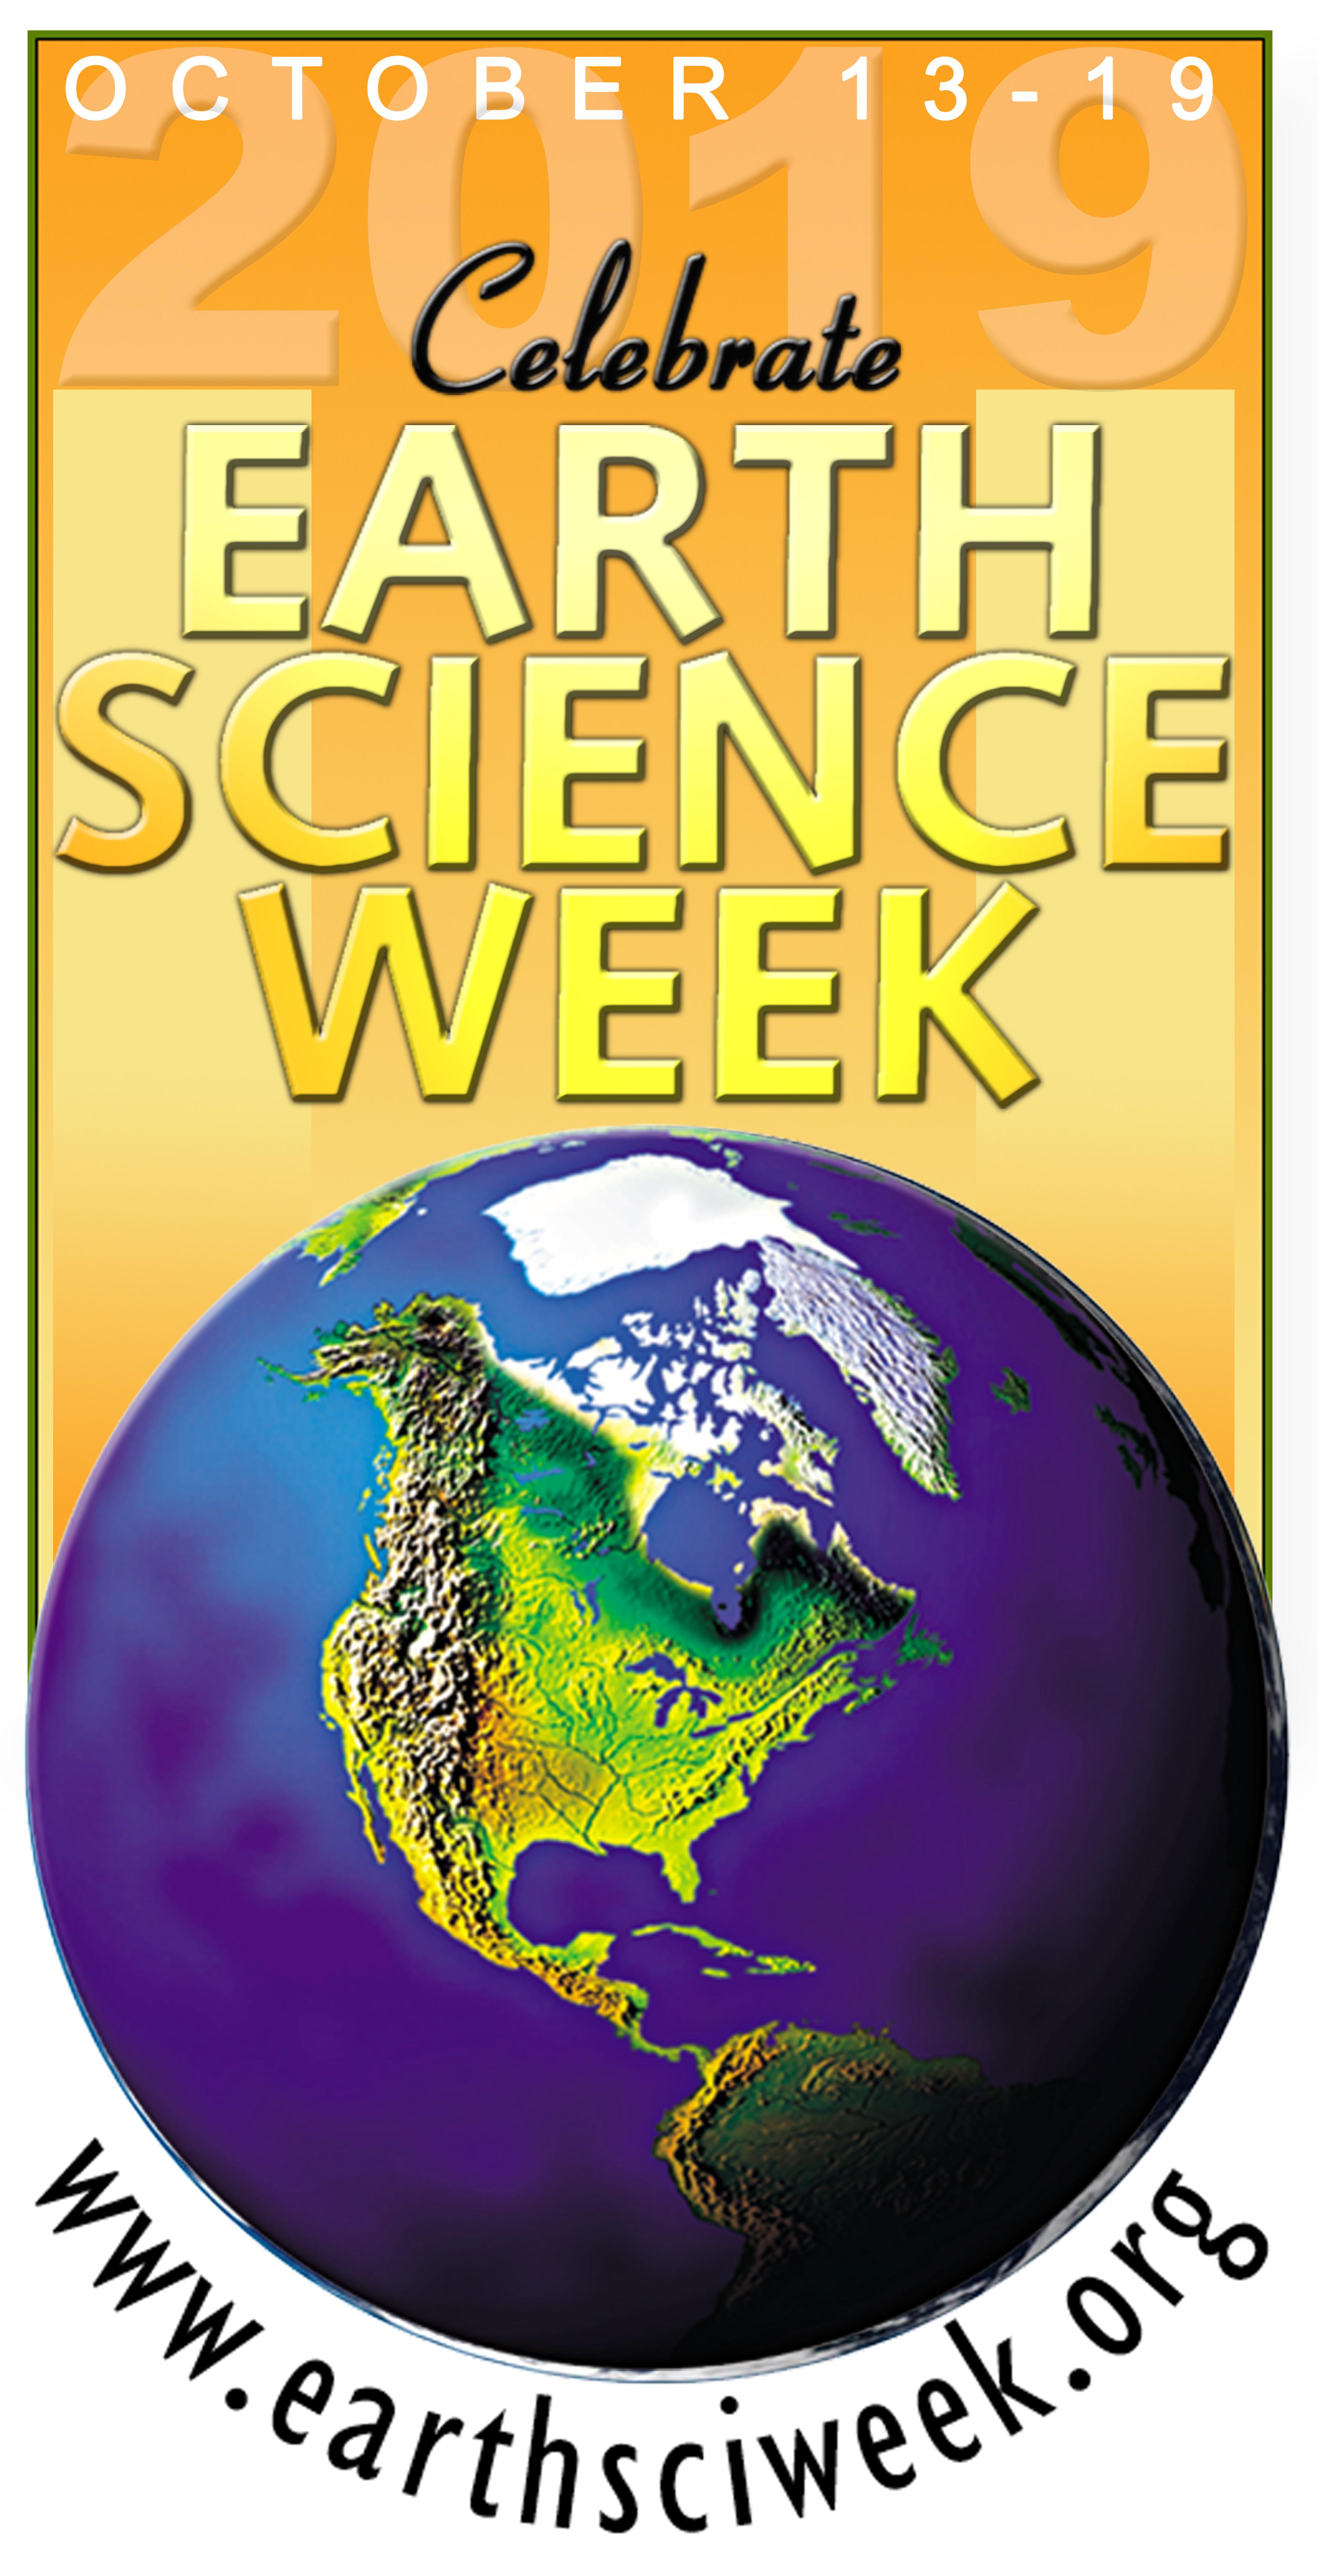 Earth Science Week 2019 vertical logo